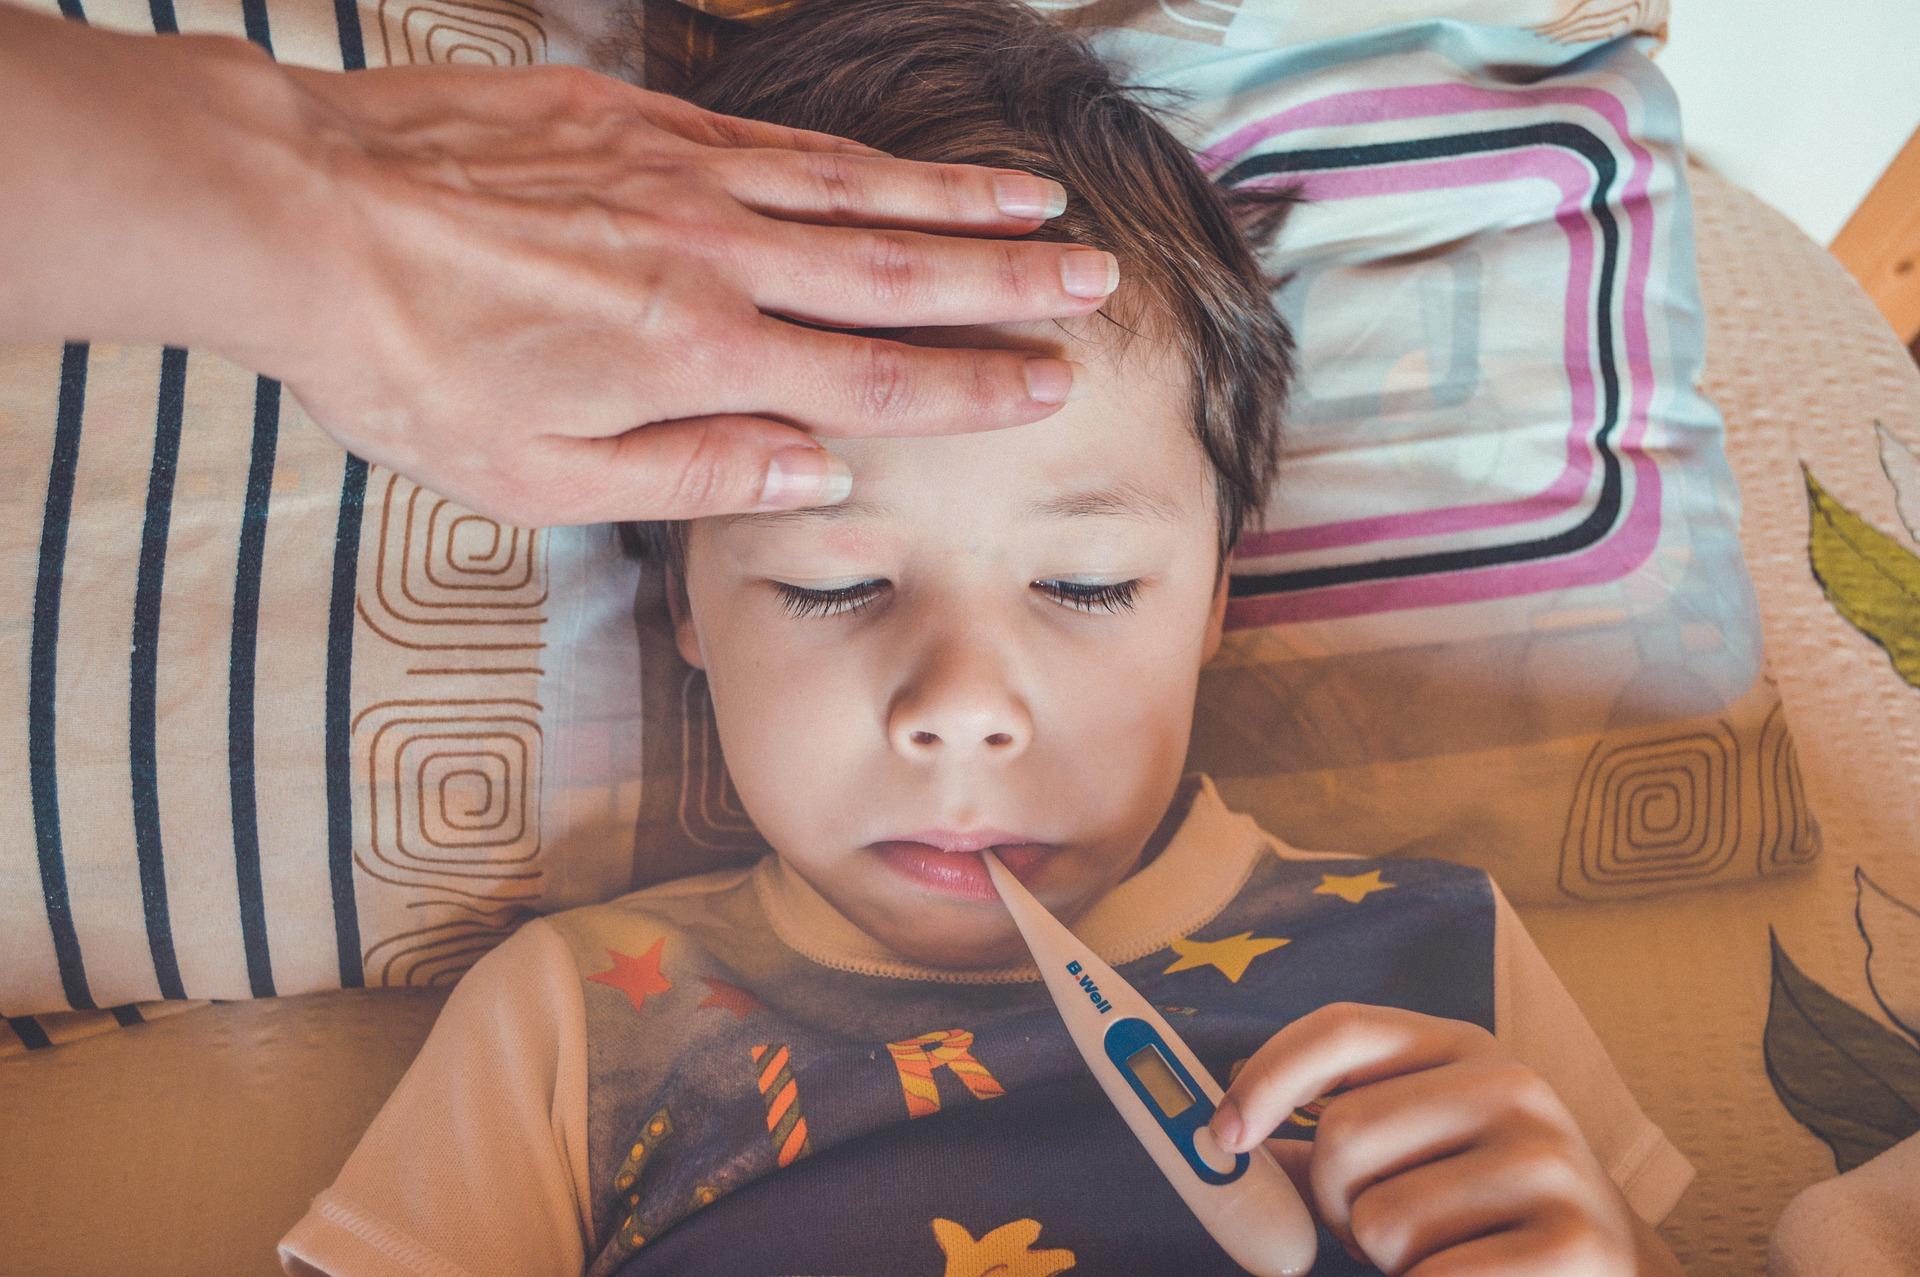 Ротавирус у детей: признаки заболевания и как лечить инфекцию